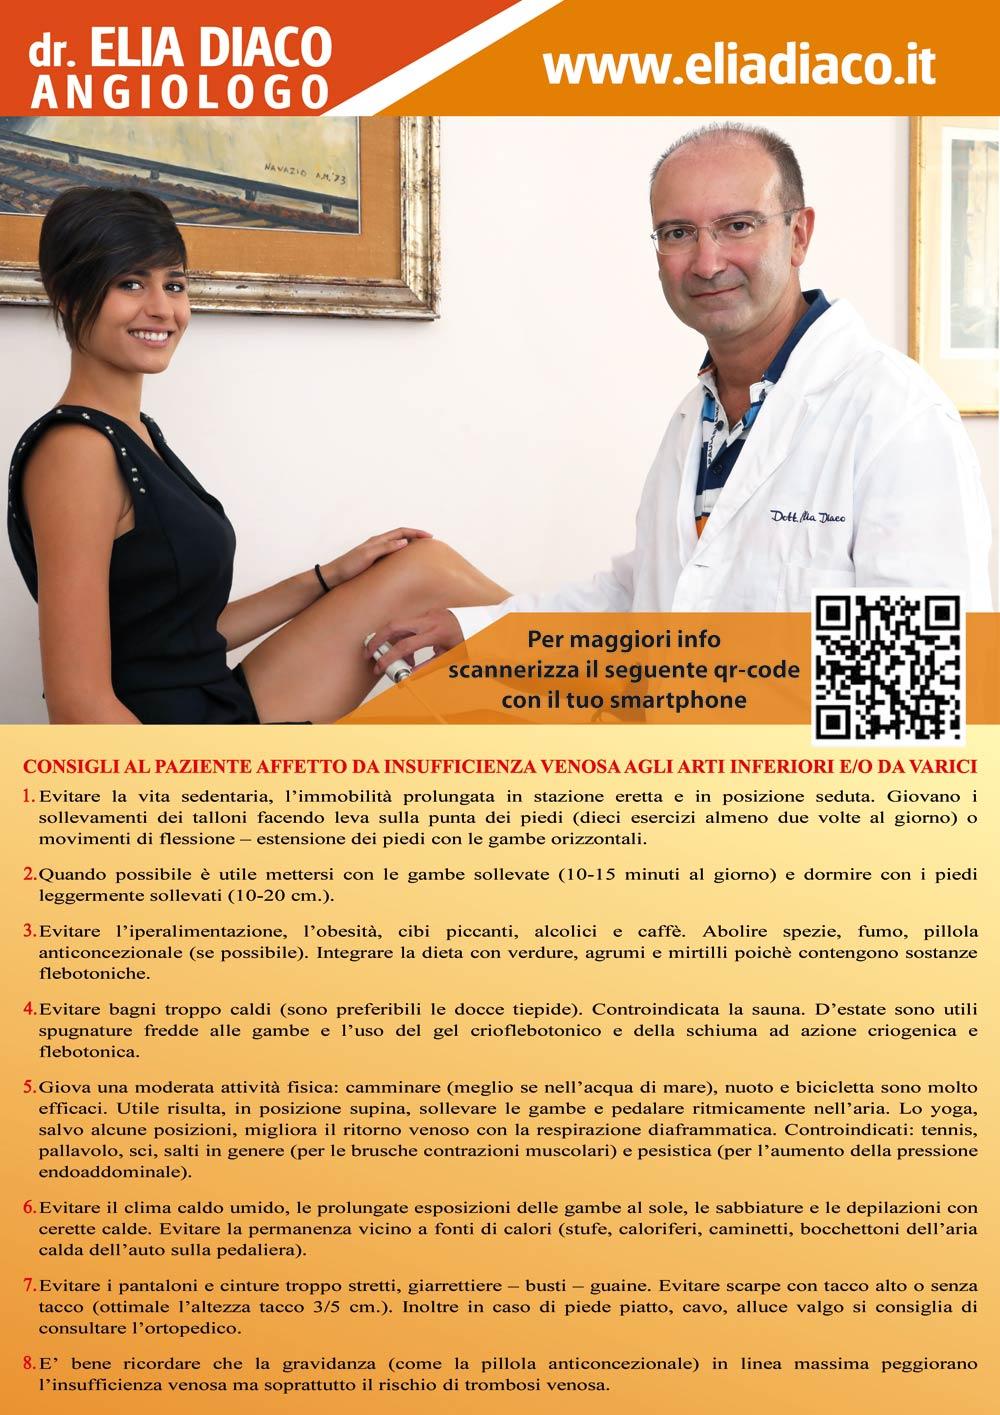 8 consigli del dott. Diaco contro l'insufficienza venosa degli arti inferiori